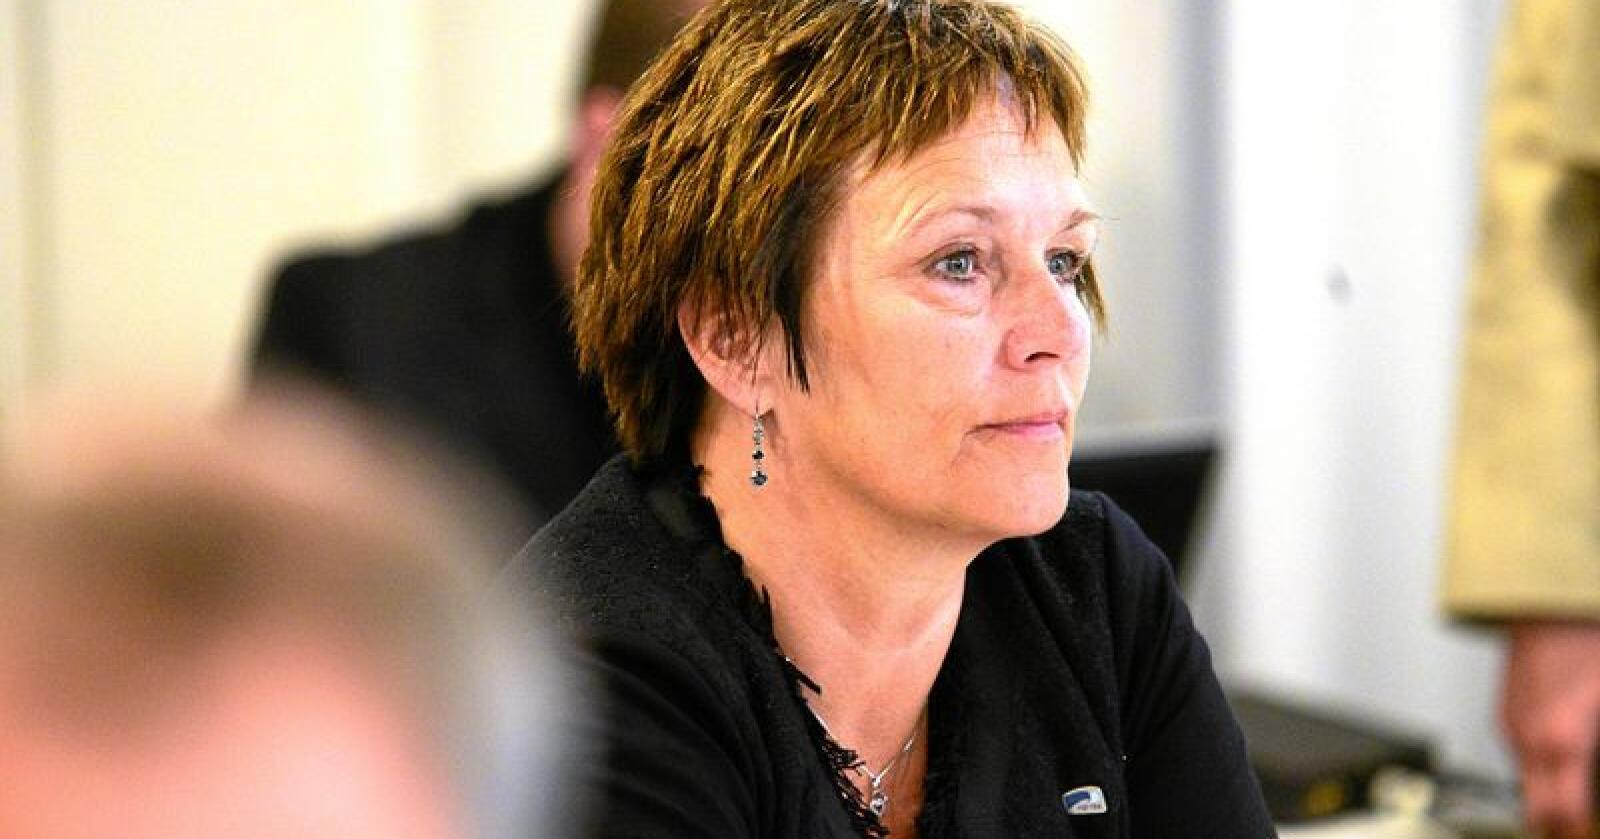 Margunn Ebbesen, stortingsrepresentant for Høyre. Foto Siri Juell Rasmussen